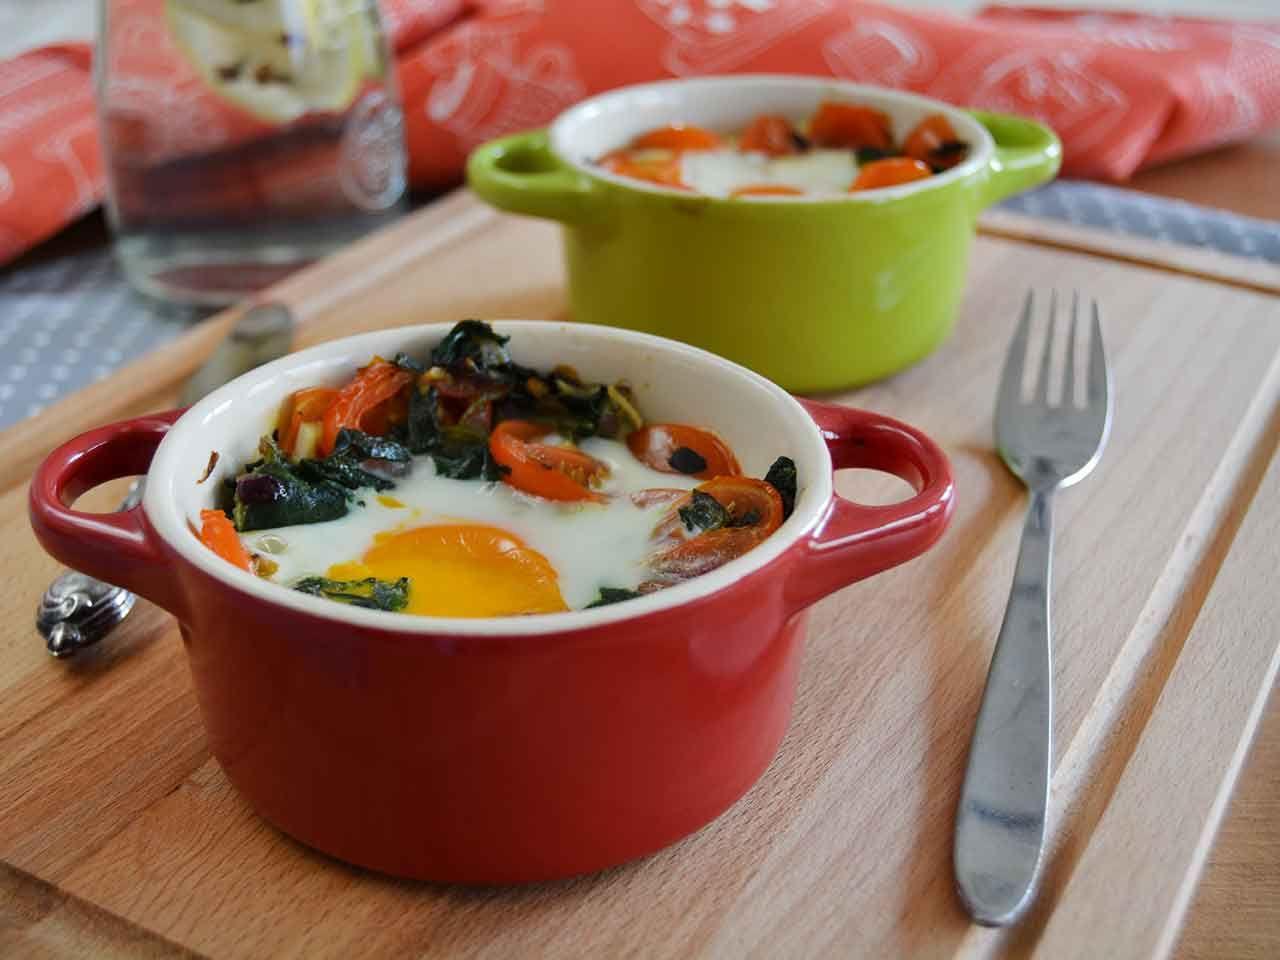 Desfrute de um prato simples e saudável que junta legumes e ovo numa combinação nutritiva  e saborosa, ótima para comer como uma entrada ou